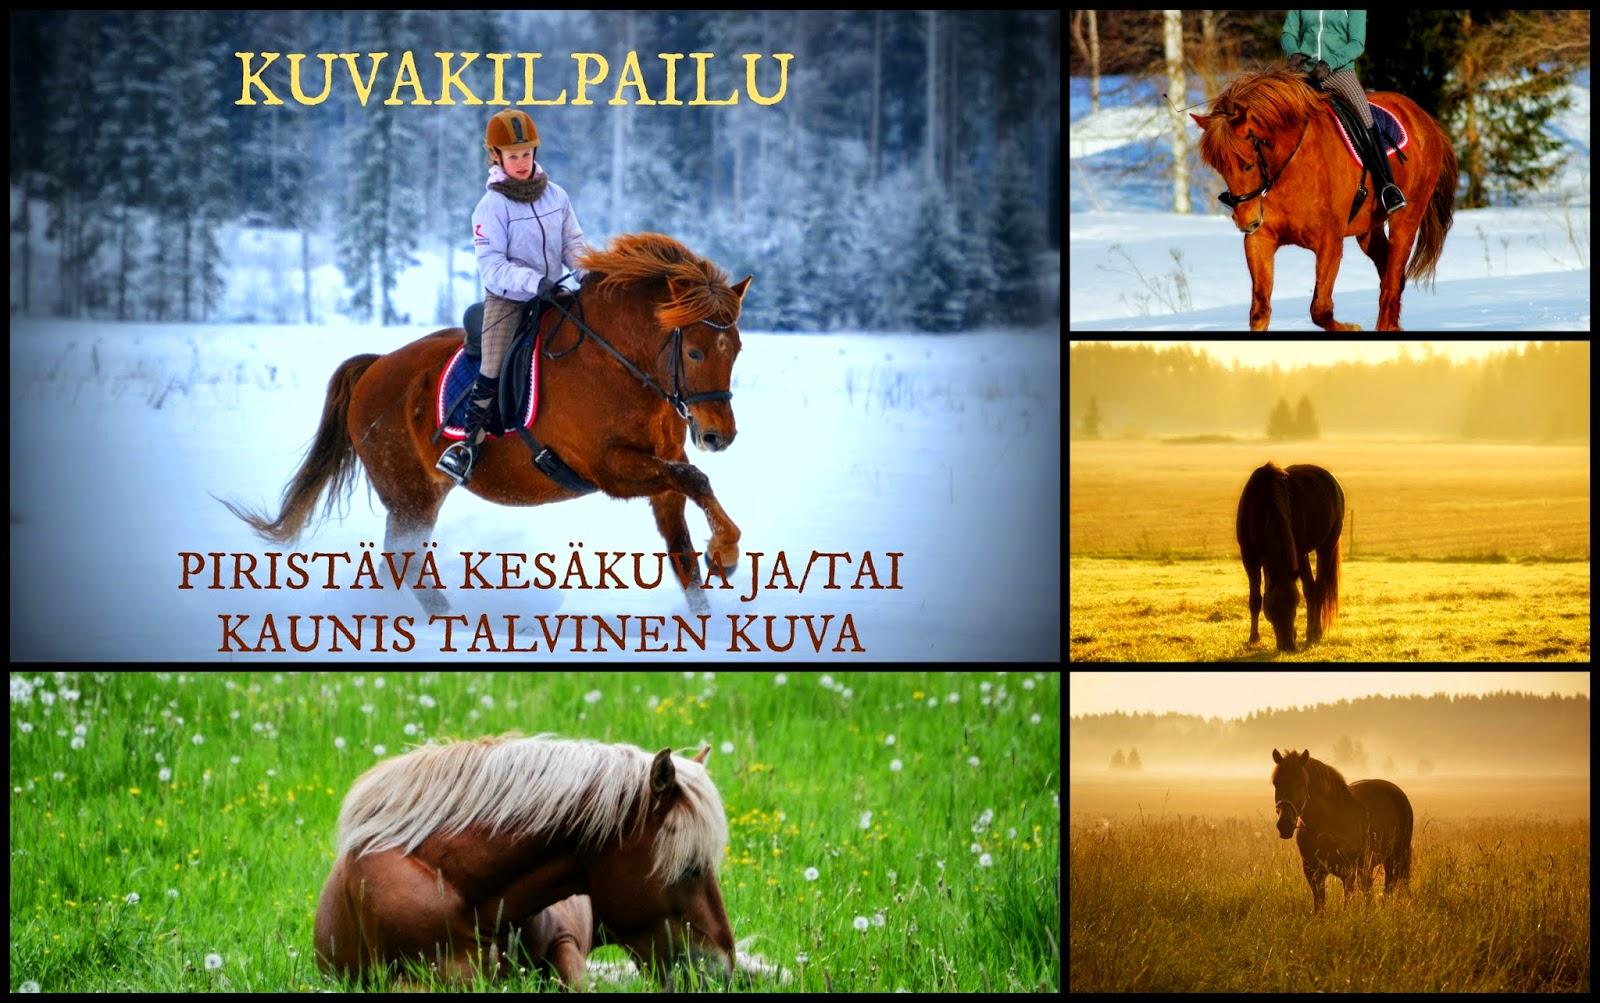 http://paivakummunpihatto.blogspot.fi/2014/12/11-luukku-loikahtelee-kameran-kanssa.html